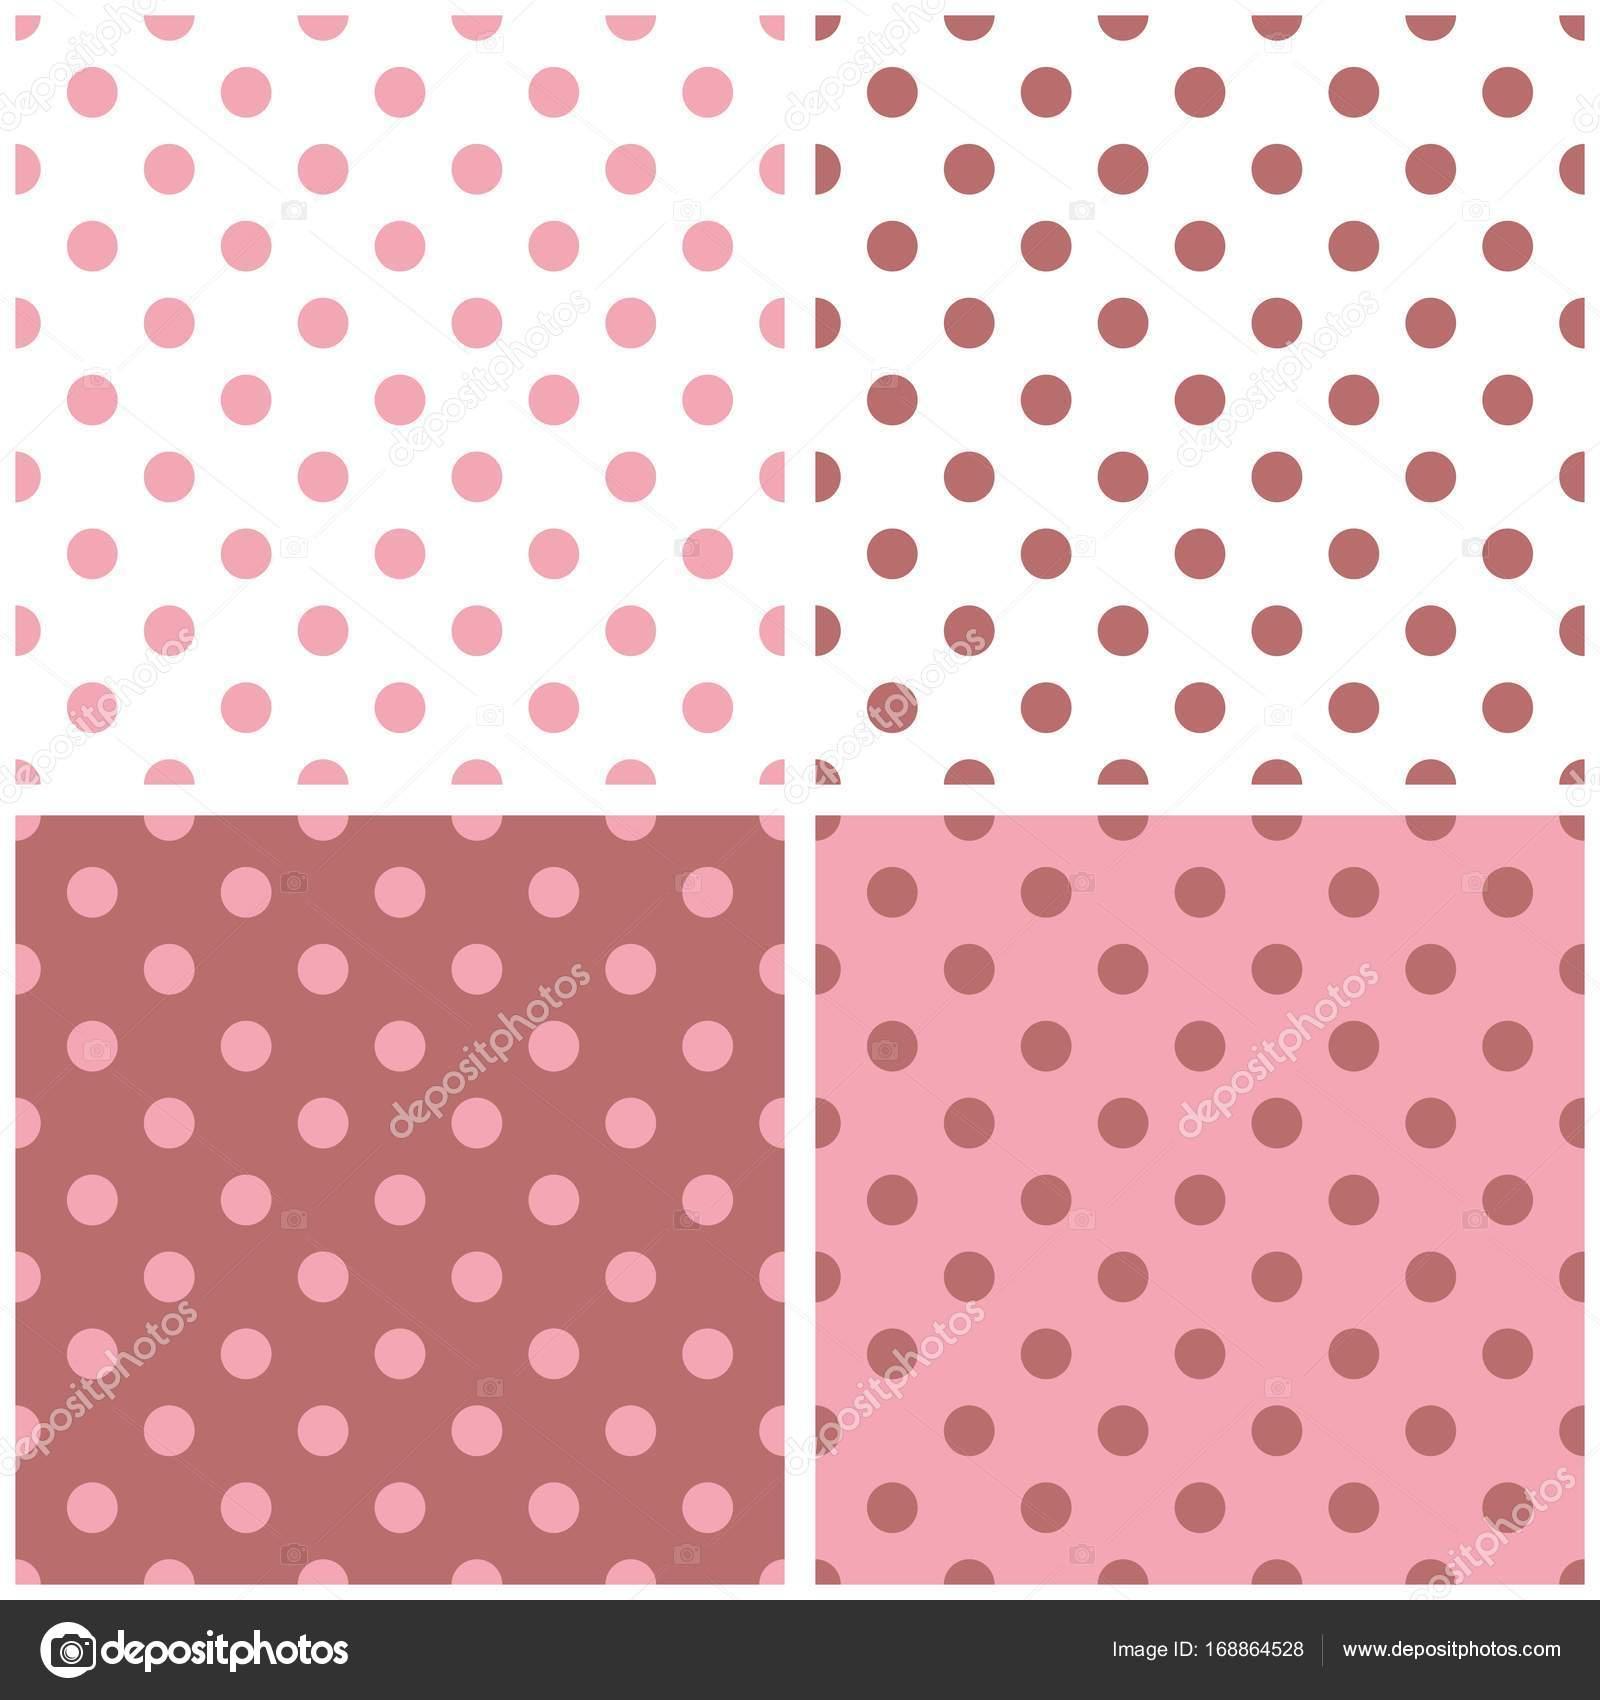 Fliesen Sie Weiß, Rosa Und Braun Vektor Muster Set Mit Polka Dots